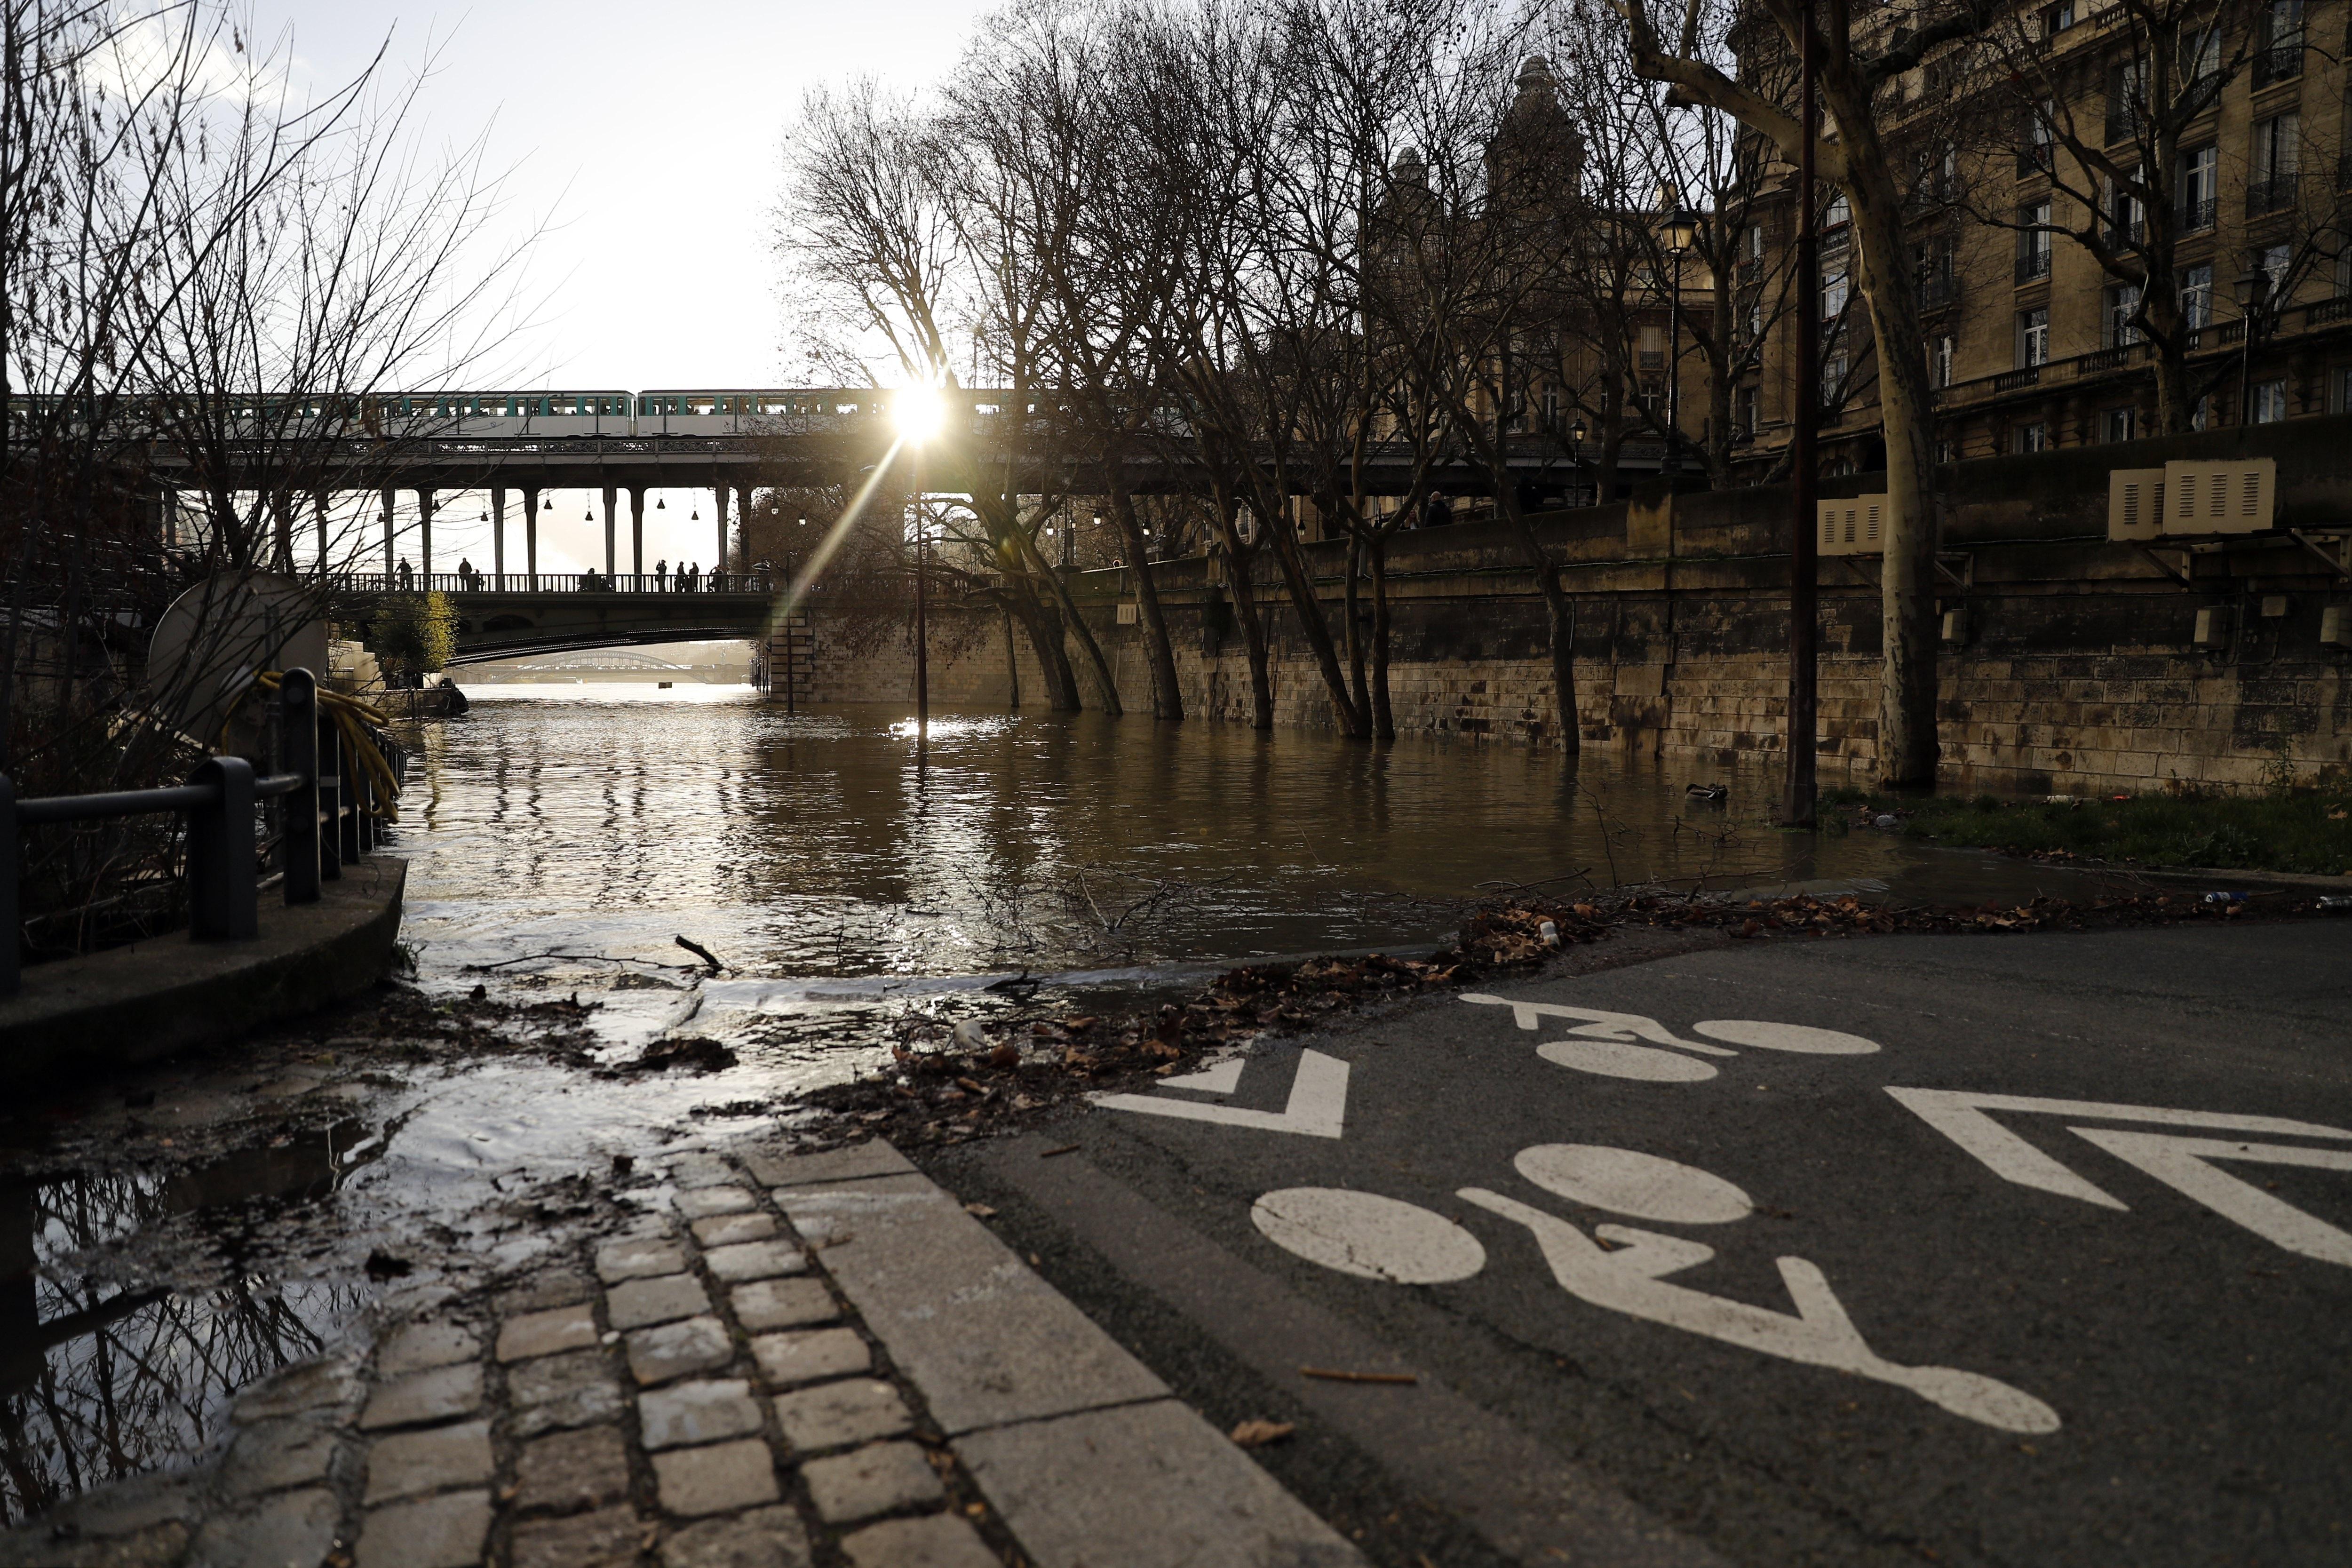 Крайбрежните домове и офиси във френската столица Париж са нащрек, след като река Сена продължава да покачва нивото си и заплашва да залее бреговете.